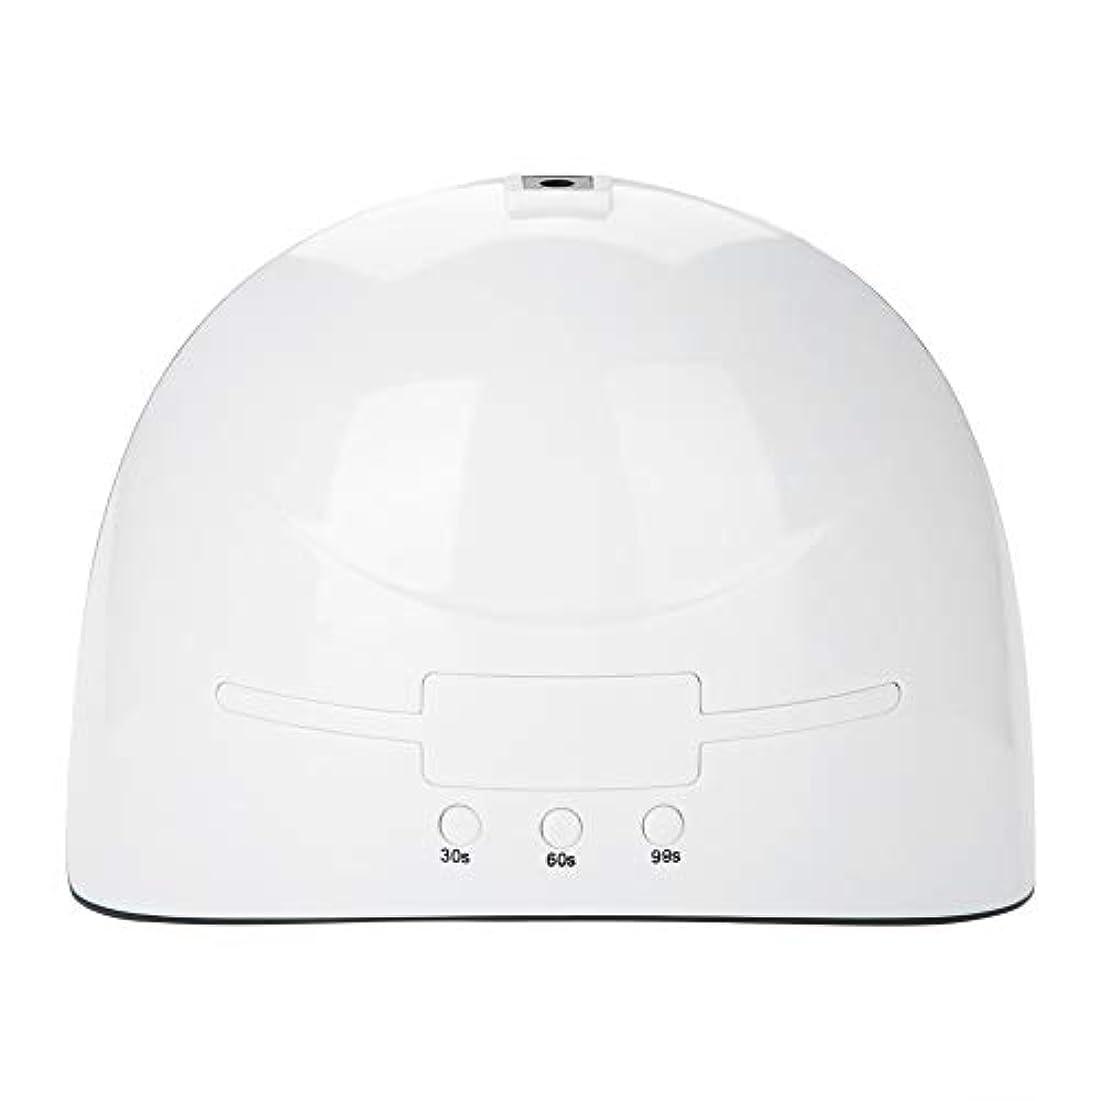 原子炉達成聞きますLEDネイルドライヤー 36w USB式 硬化用 三つタイマー ジェルネイル用 設定可能 便携 家用 美容院 ホワイト (white)